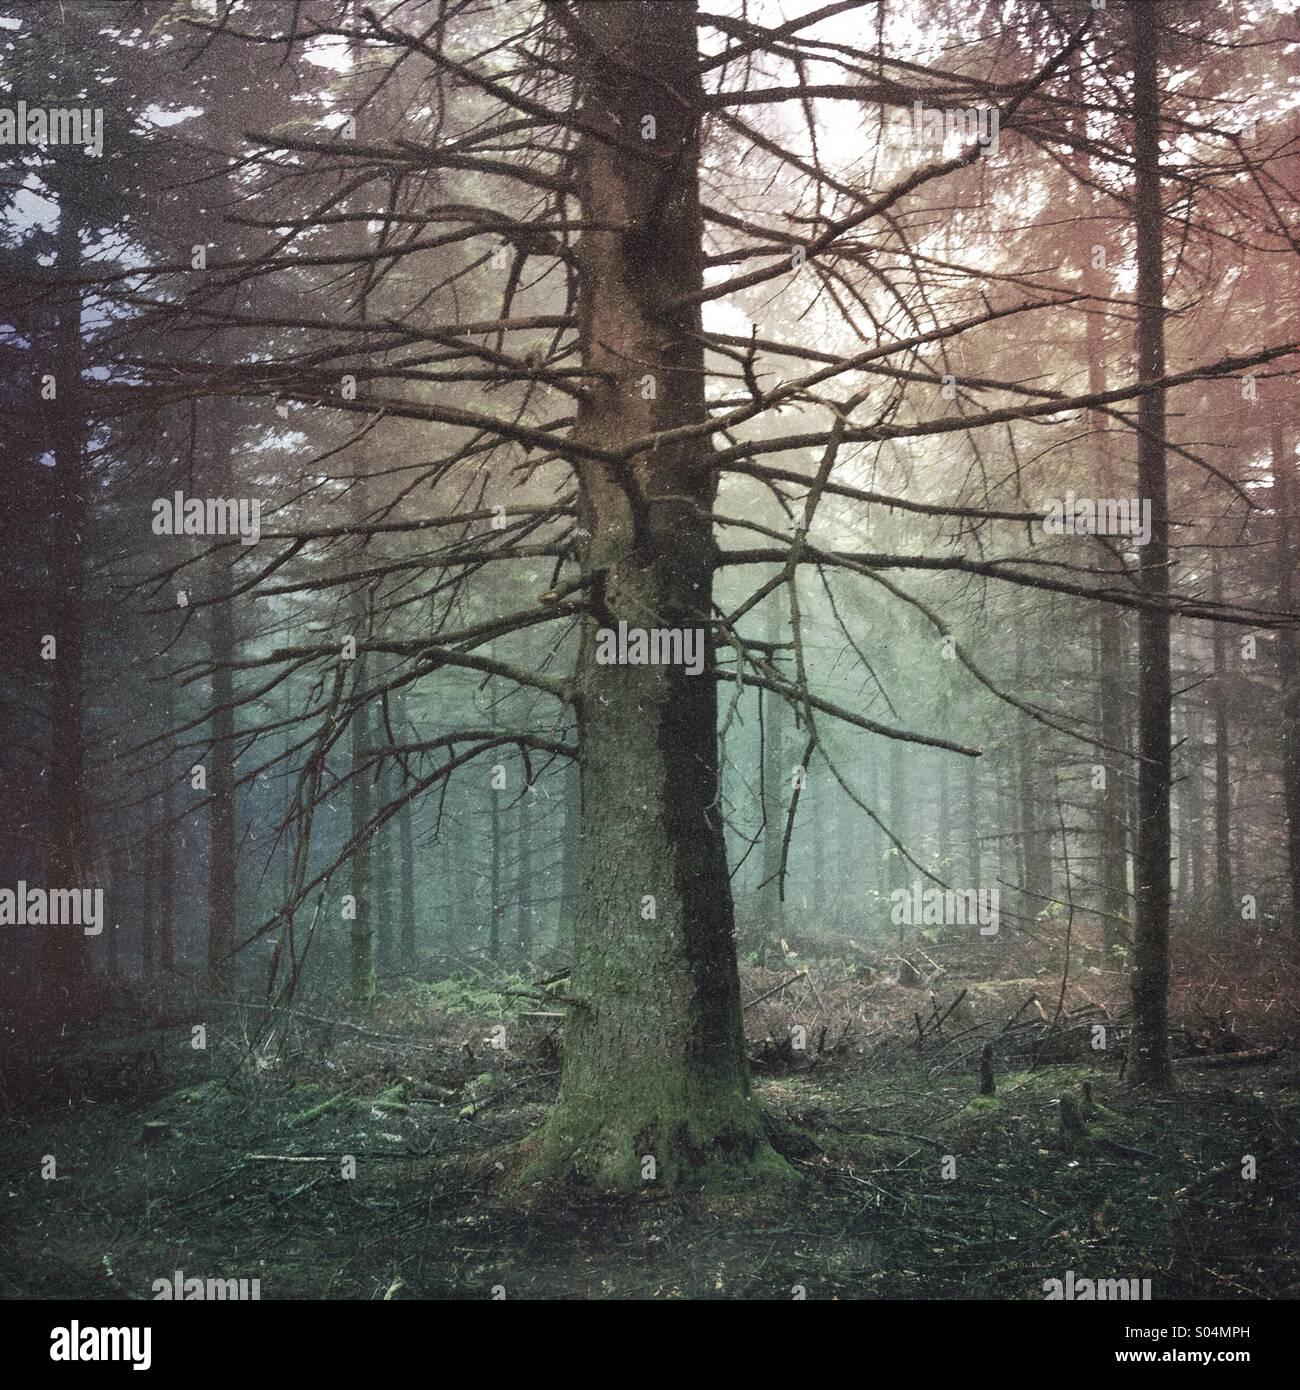 Toter Baum im Wald dunkel und neblig Stockbild